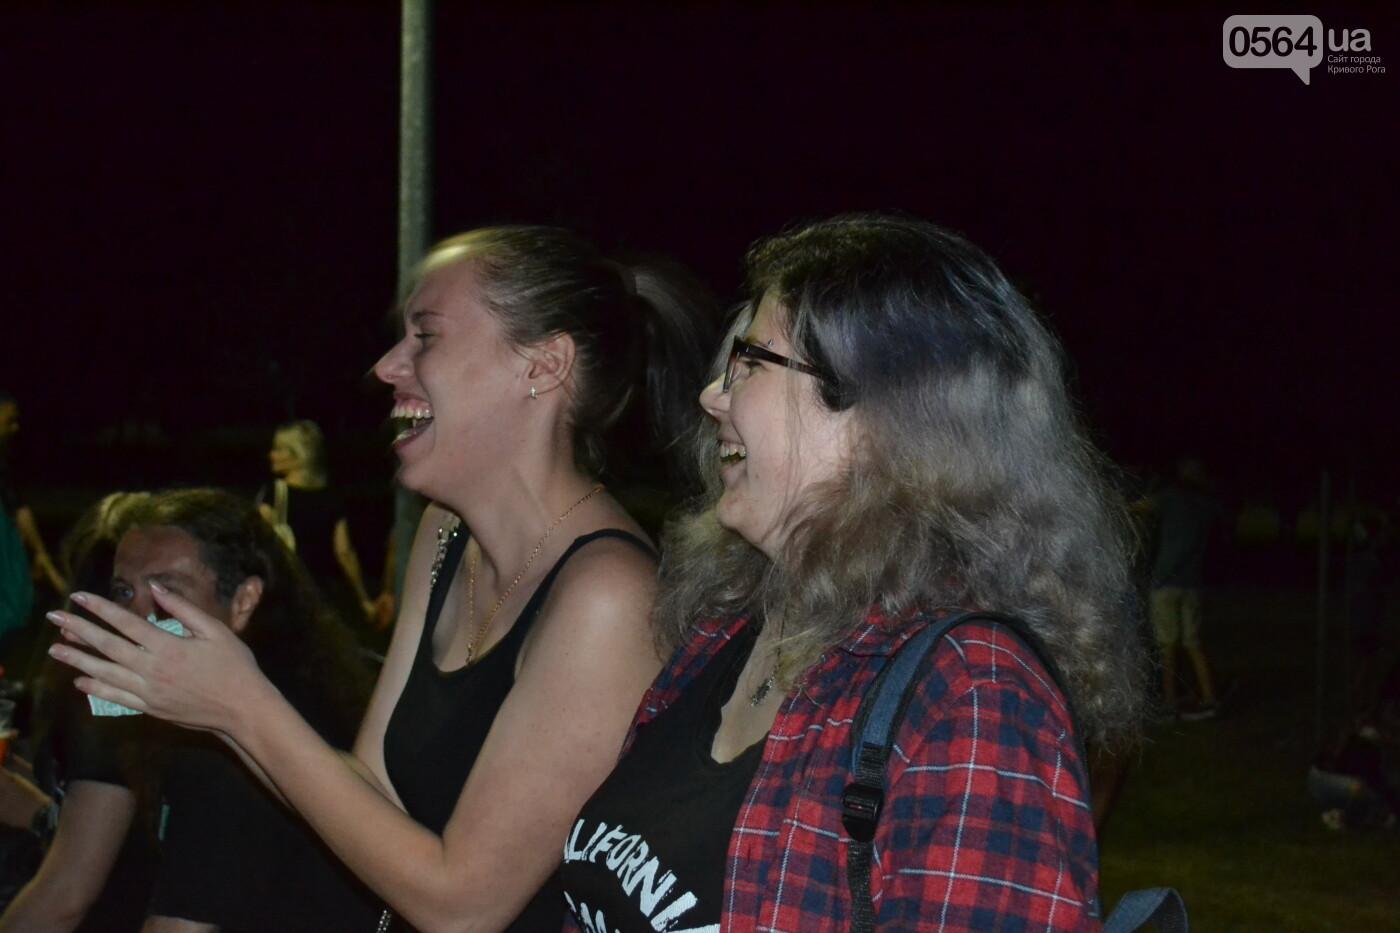 """Музыканты раскрыли душу, а зрители - открыли сердца: лица и эмоции на  криворожском рок-фесте """"ЗаліZна міць"""", - ФОТО, фото-37"""